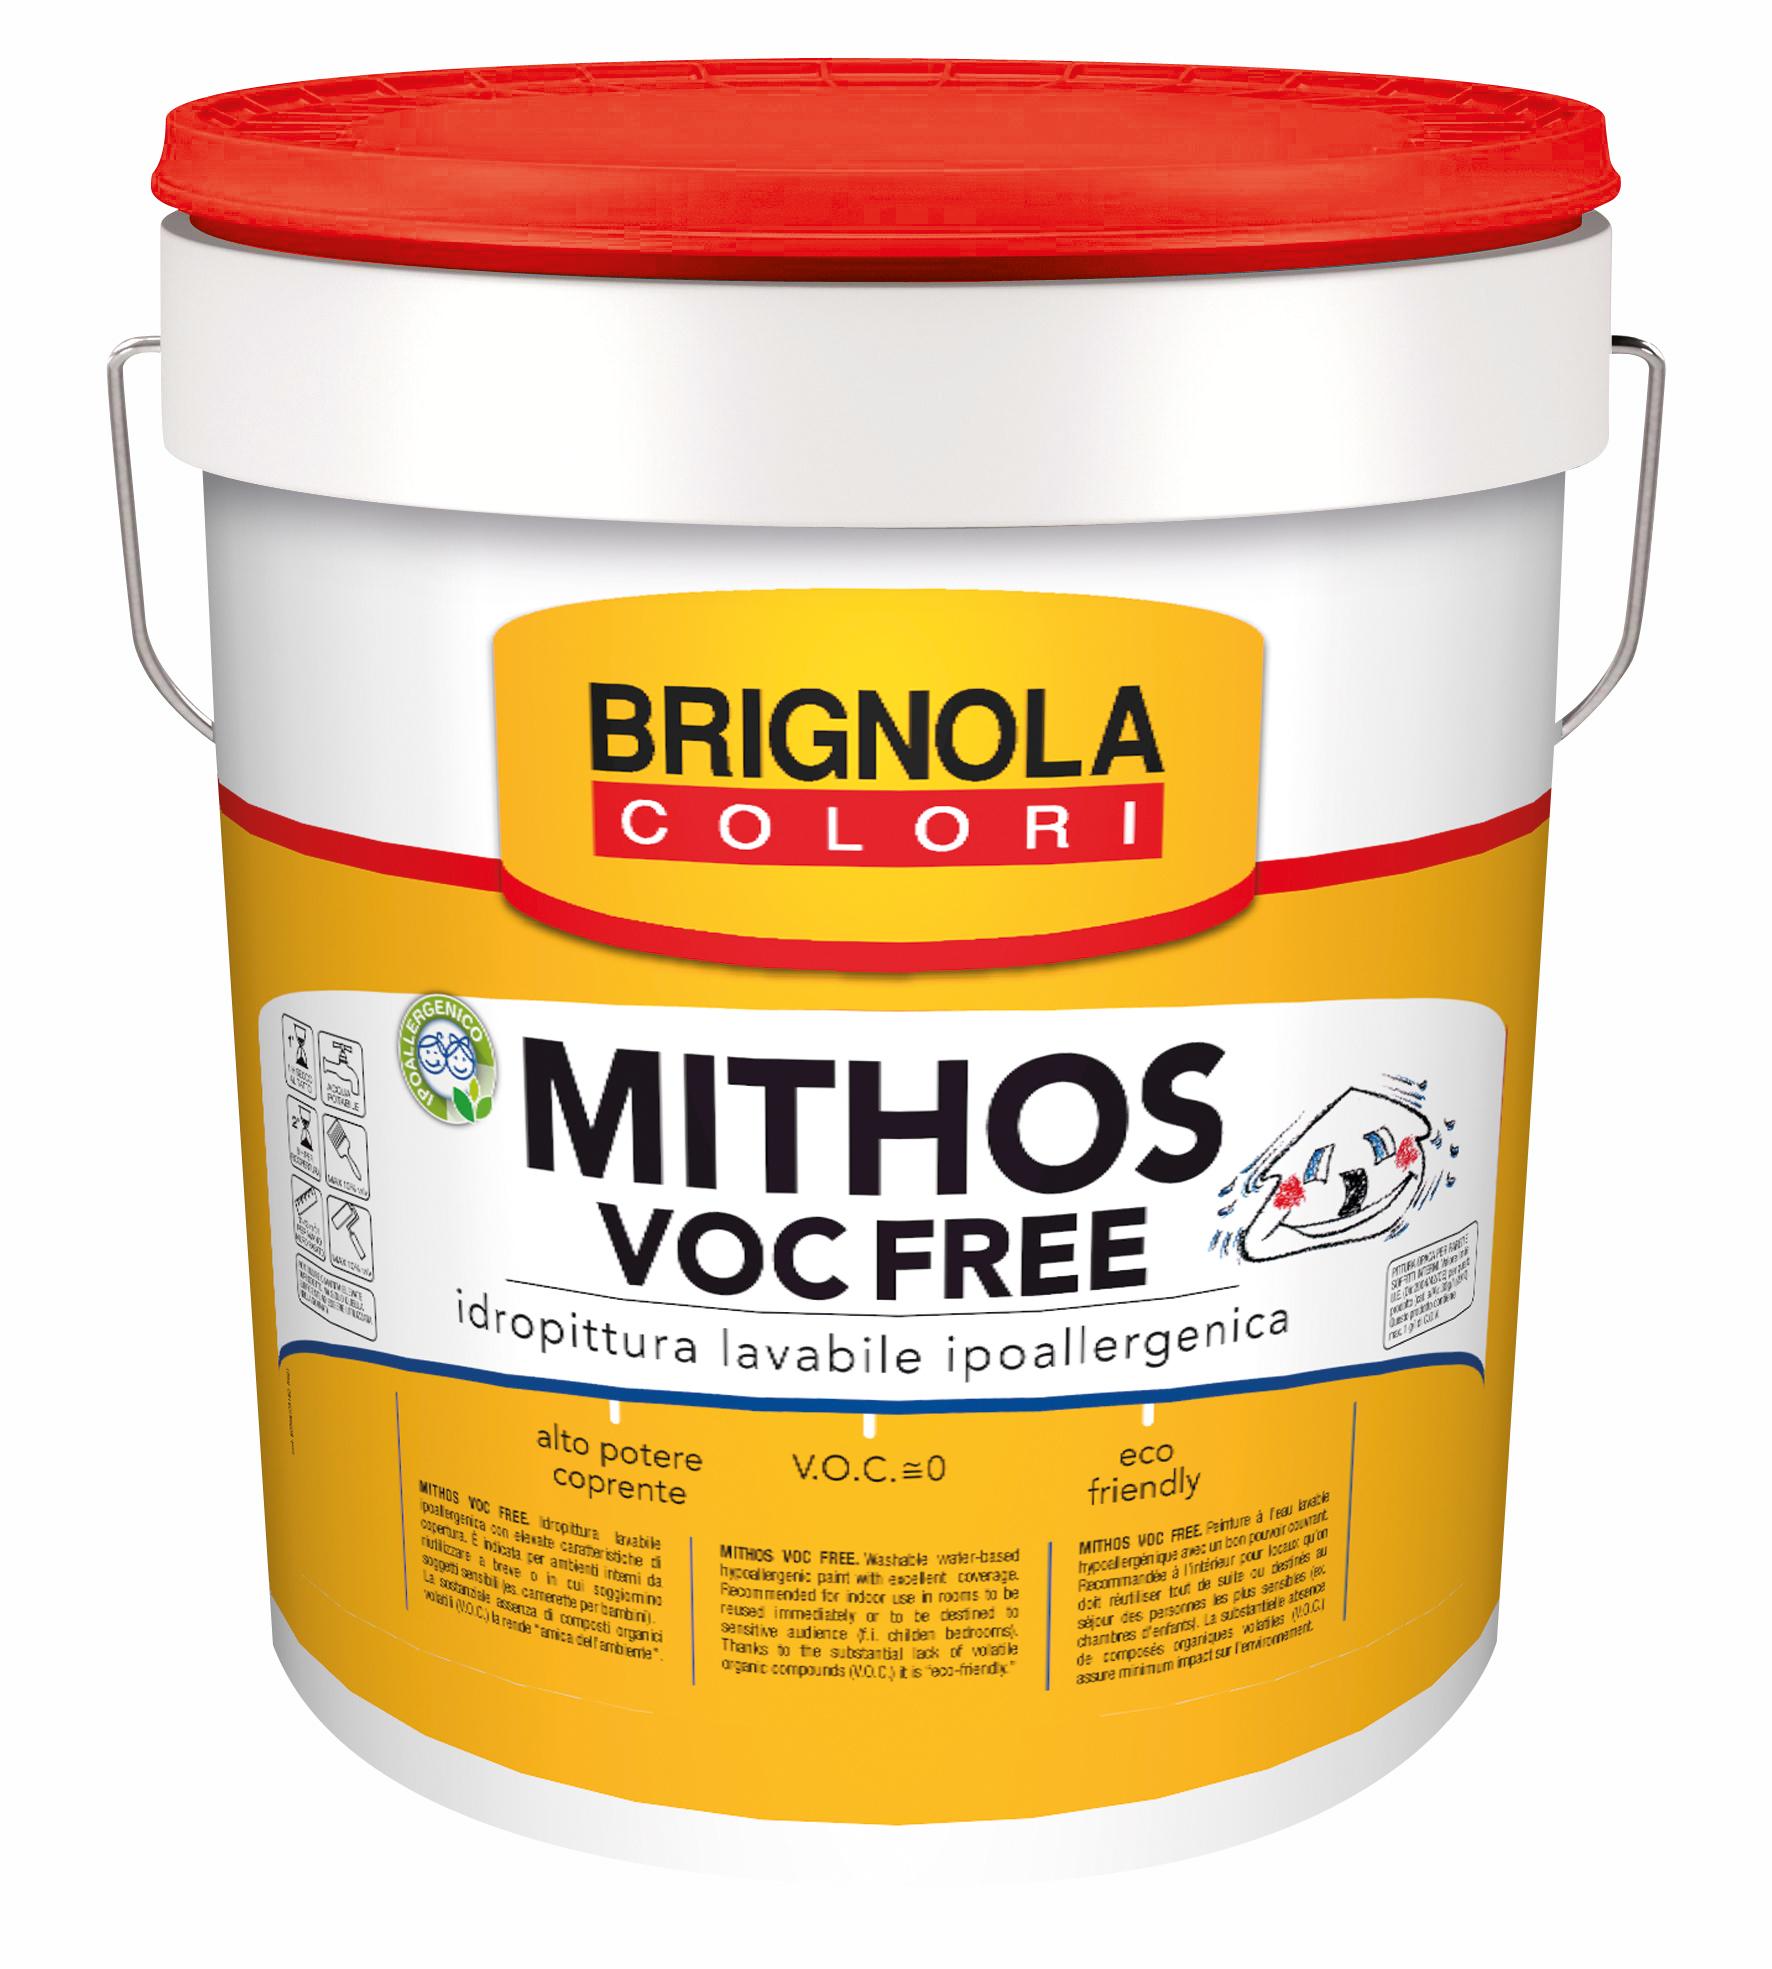 Mithos VOC free